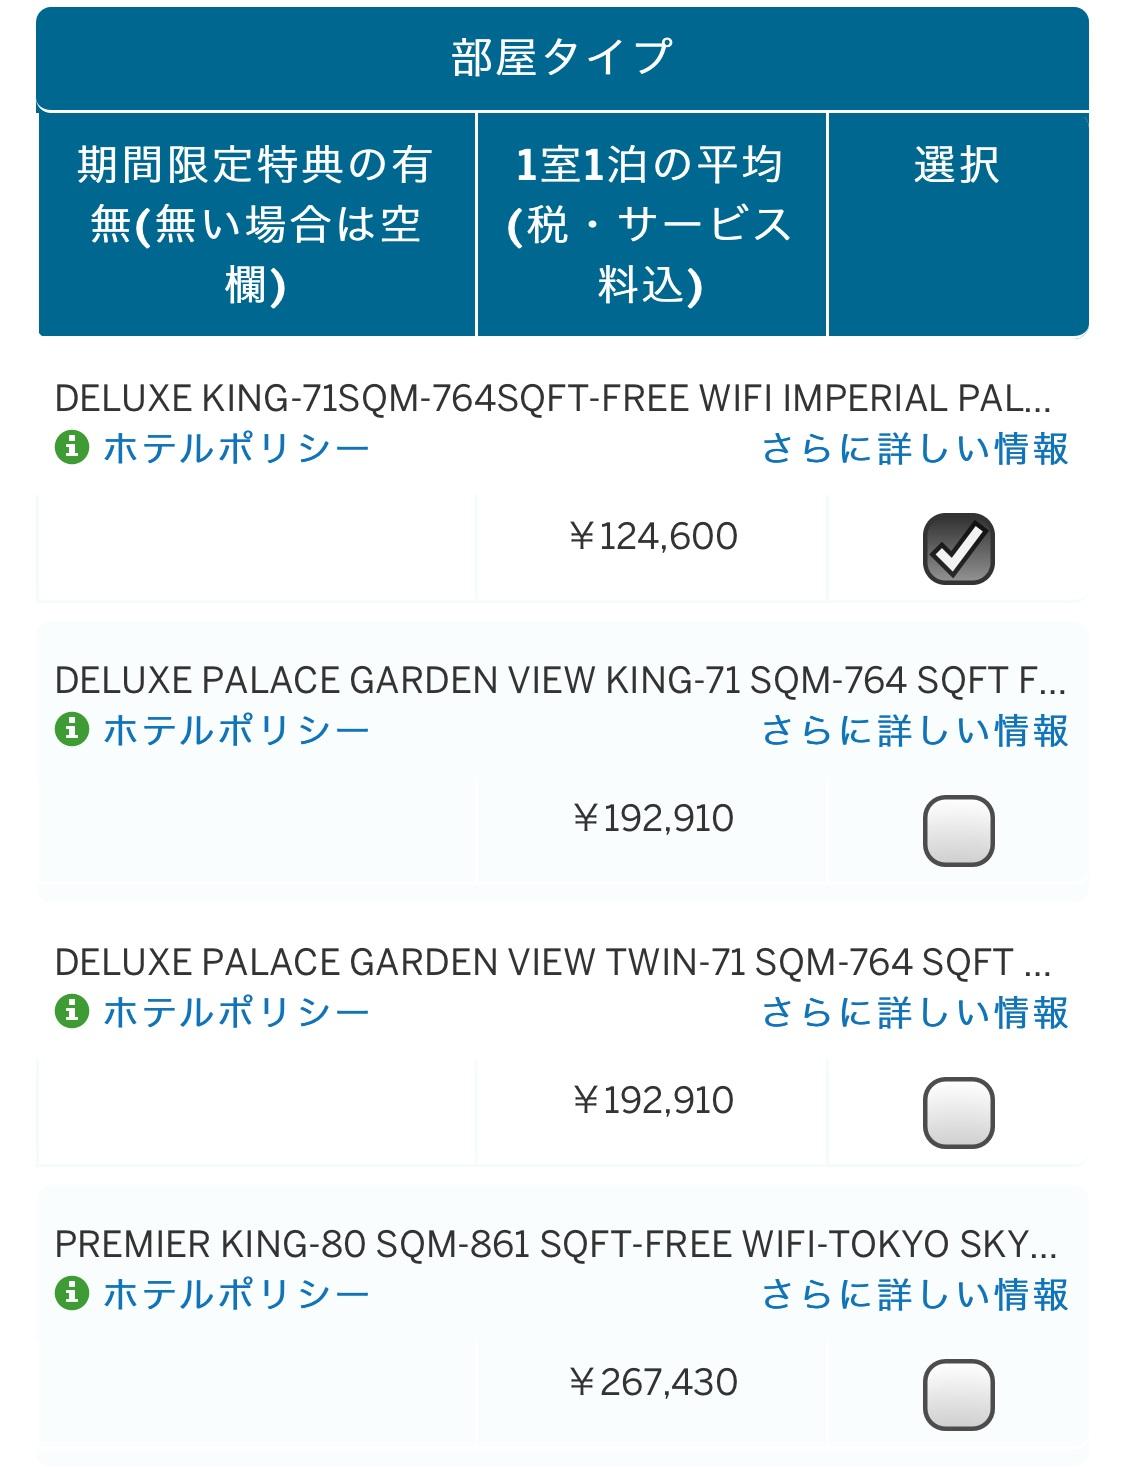 アマン東京のファイン・ホテル・アンド・リゾート(FHR)の料金